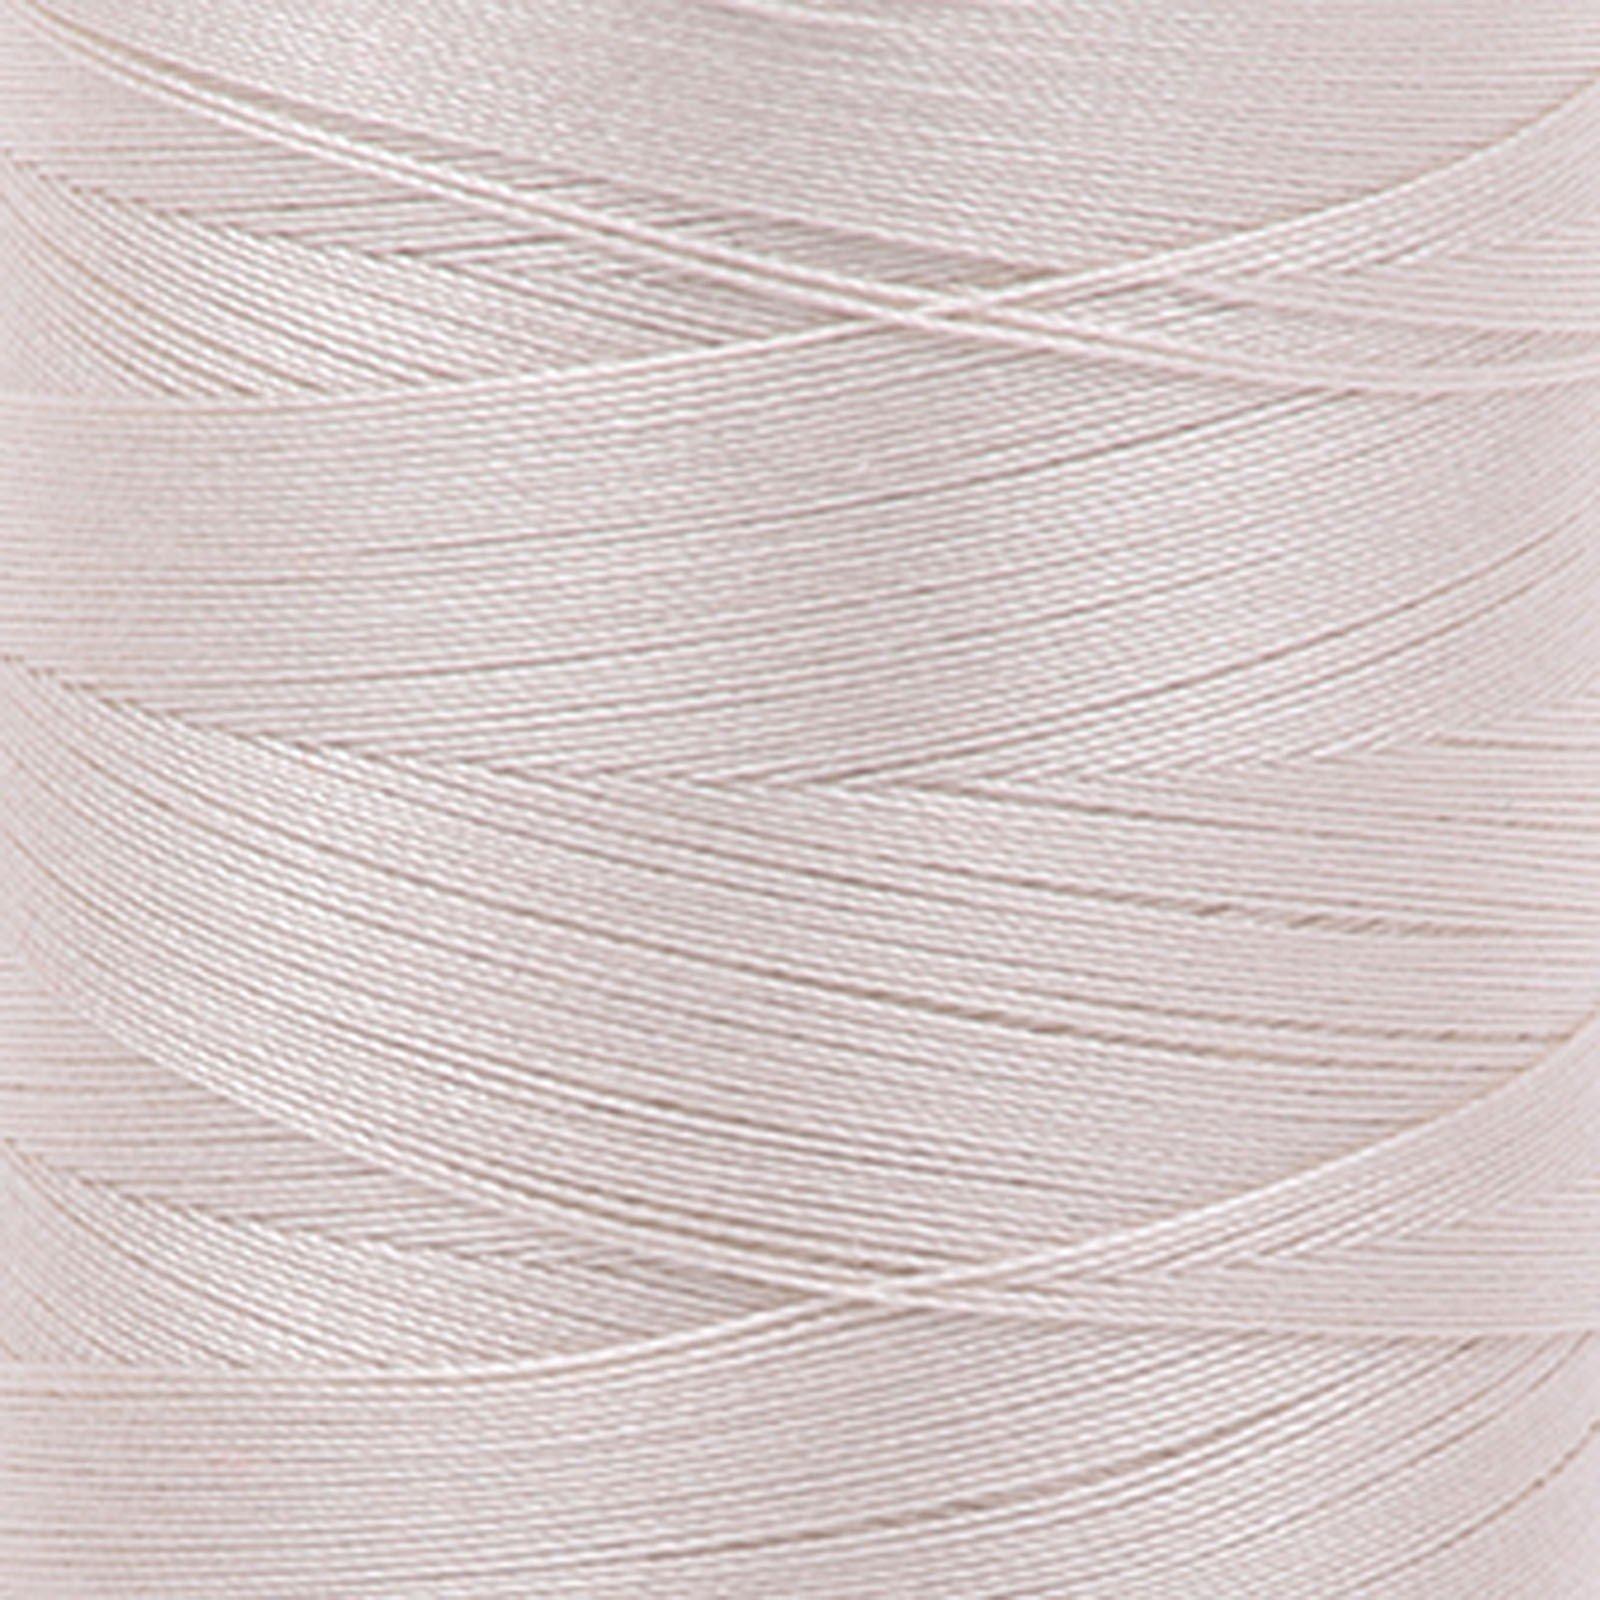 Aurifil Cotton 2309 50wt 220 yds